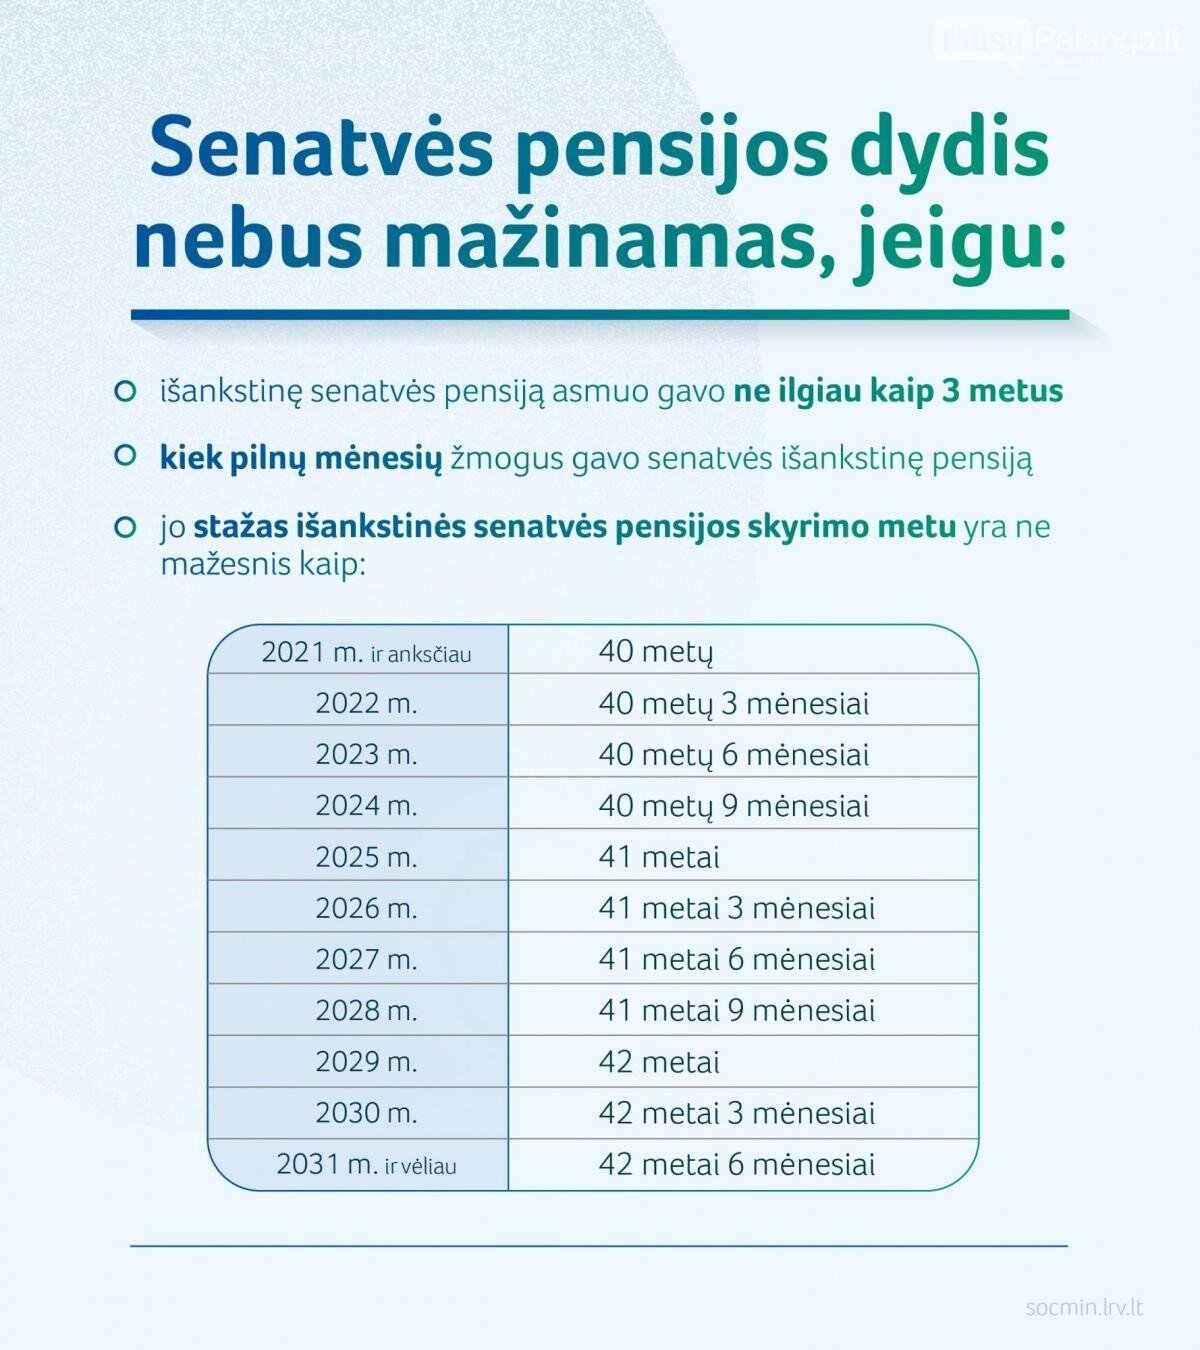 Aktualu išankstinių pensijų gavėjams: nuo kitų metų didės išankstinės pensijos, nuotrauka-2